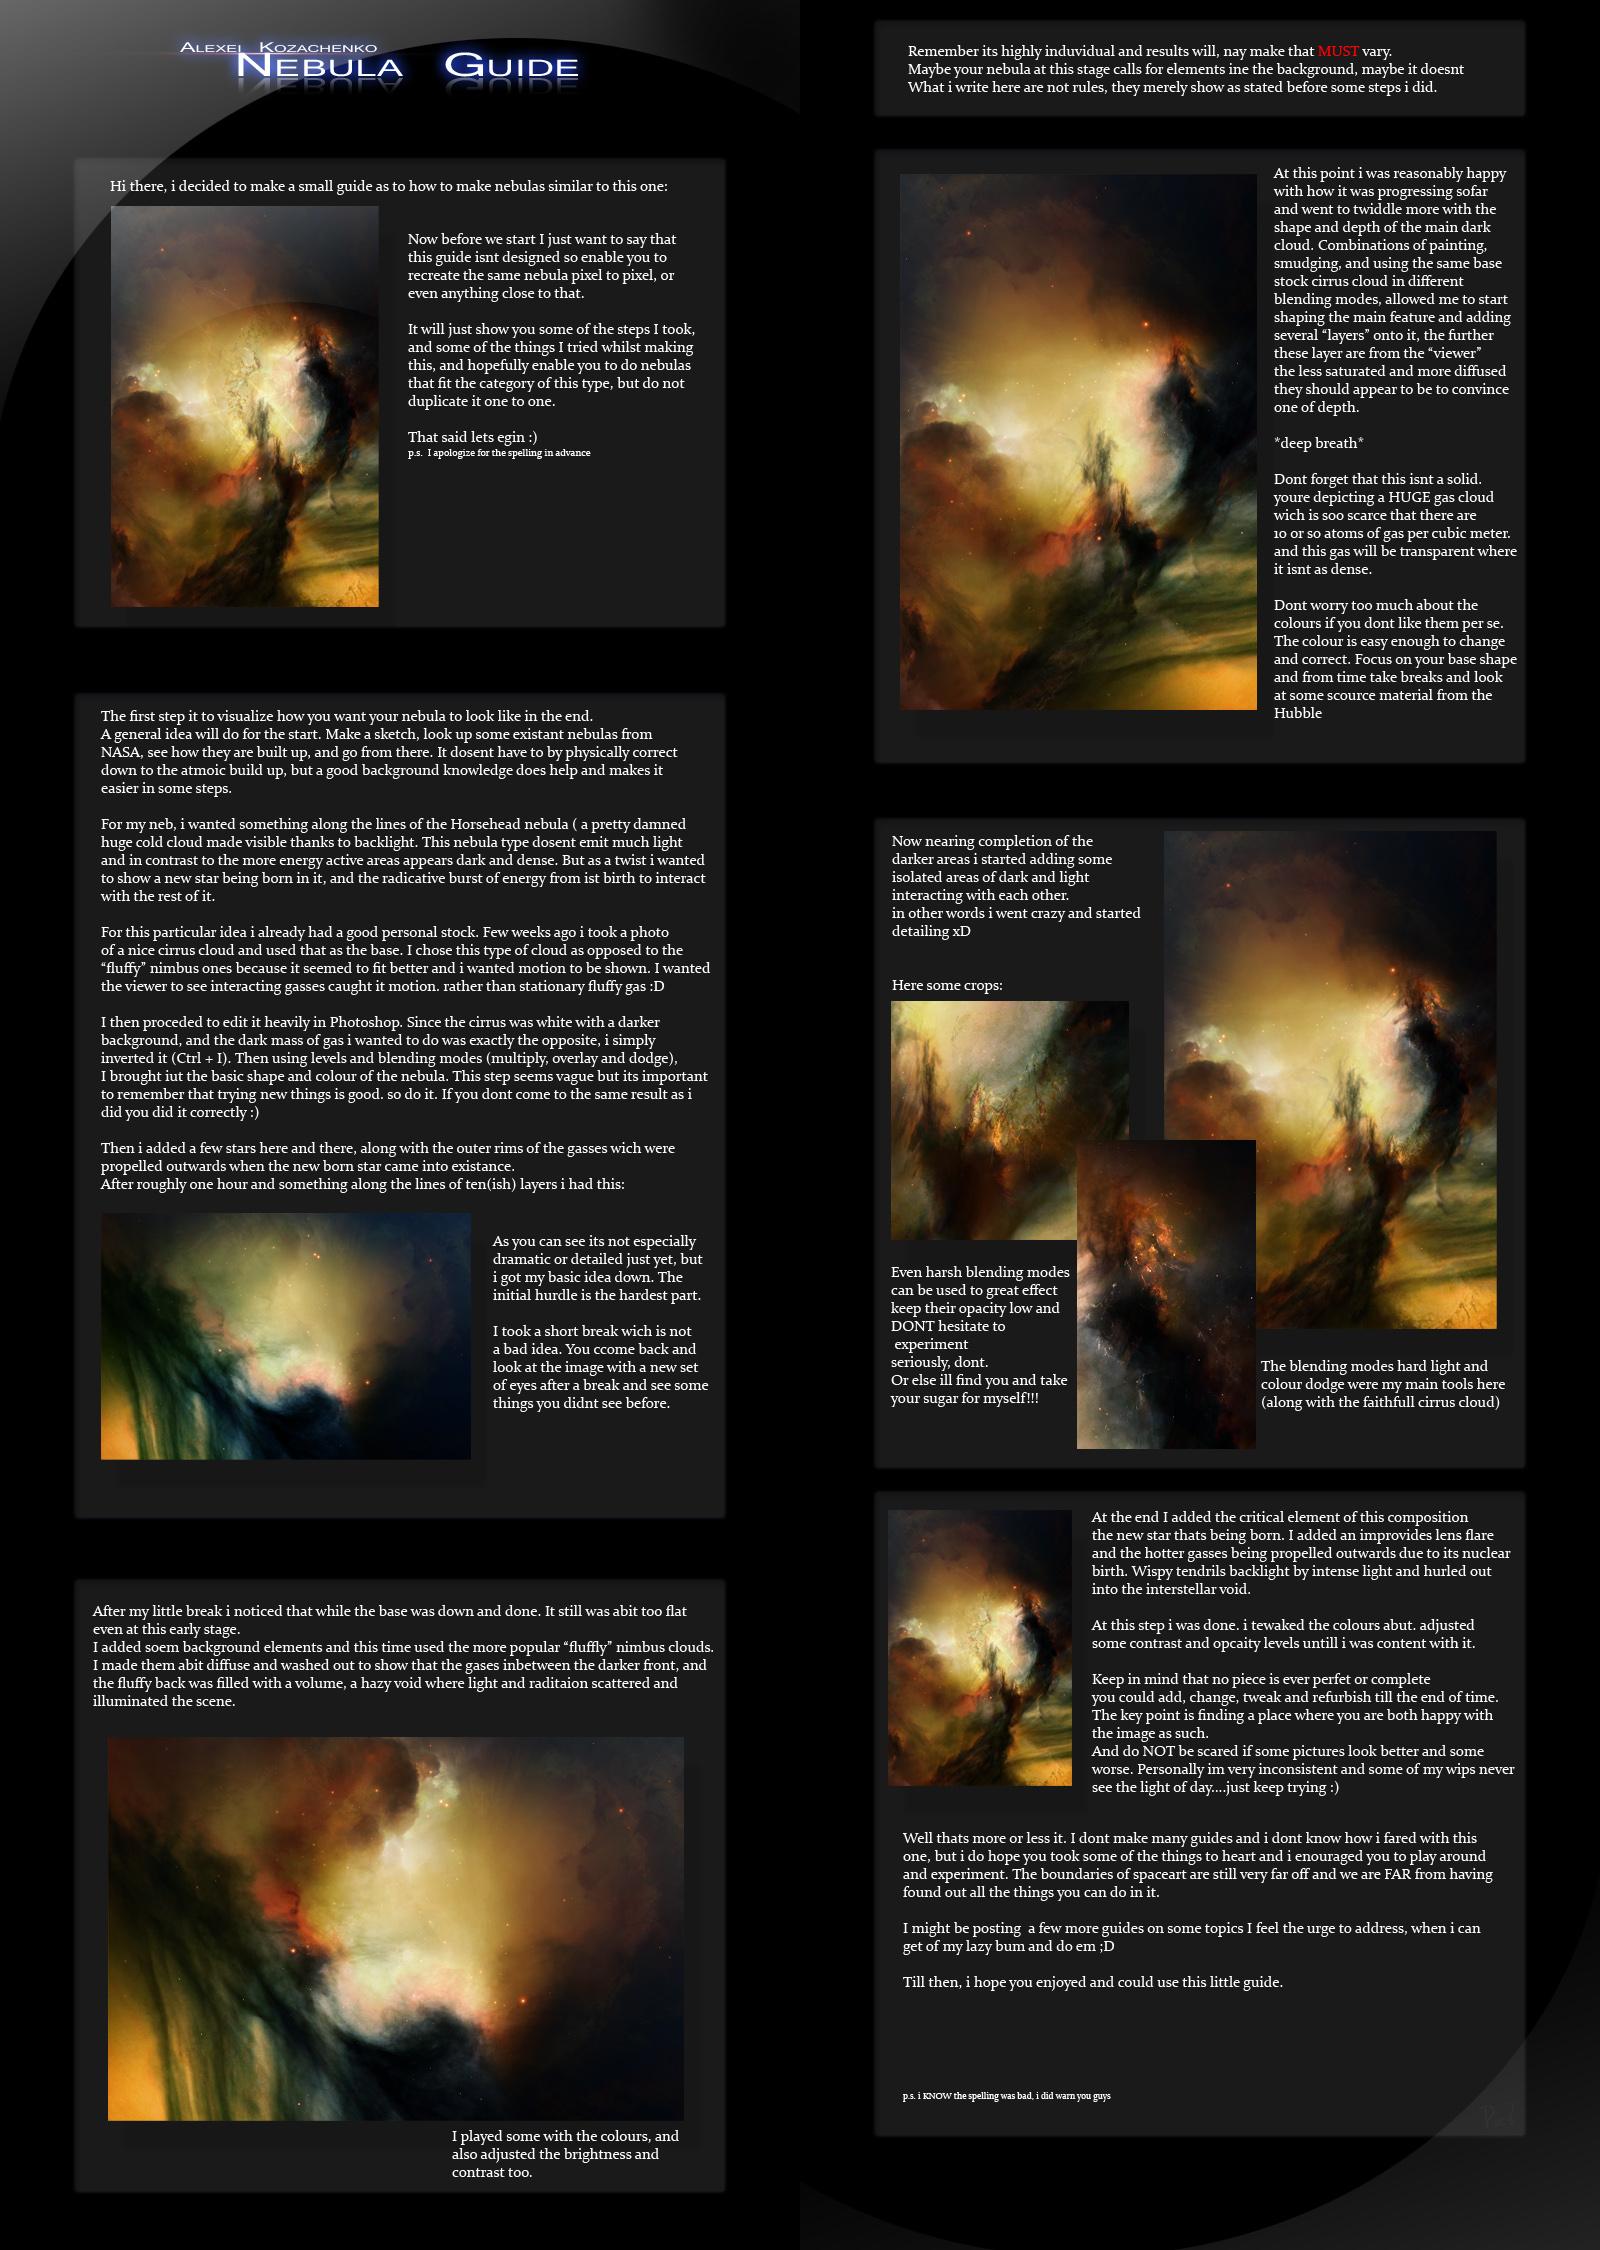 Nebula Guide by Nameless-Designer